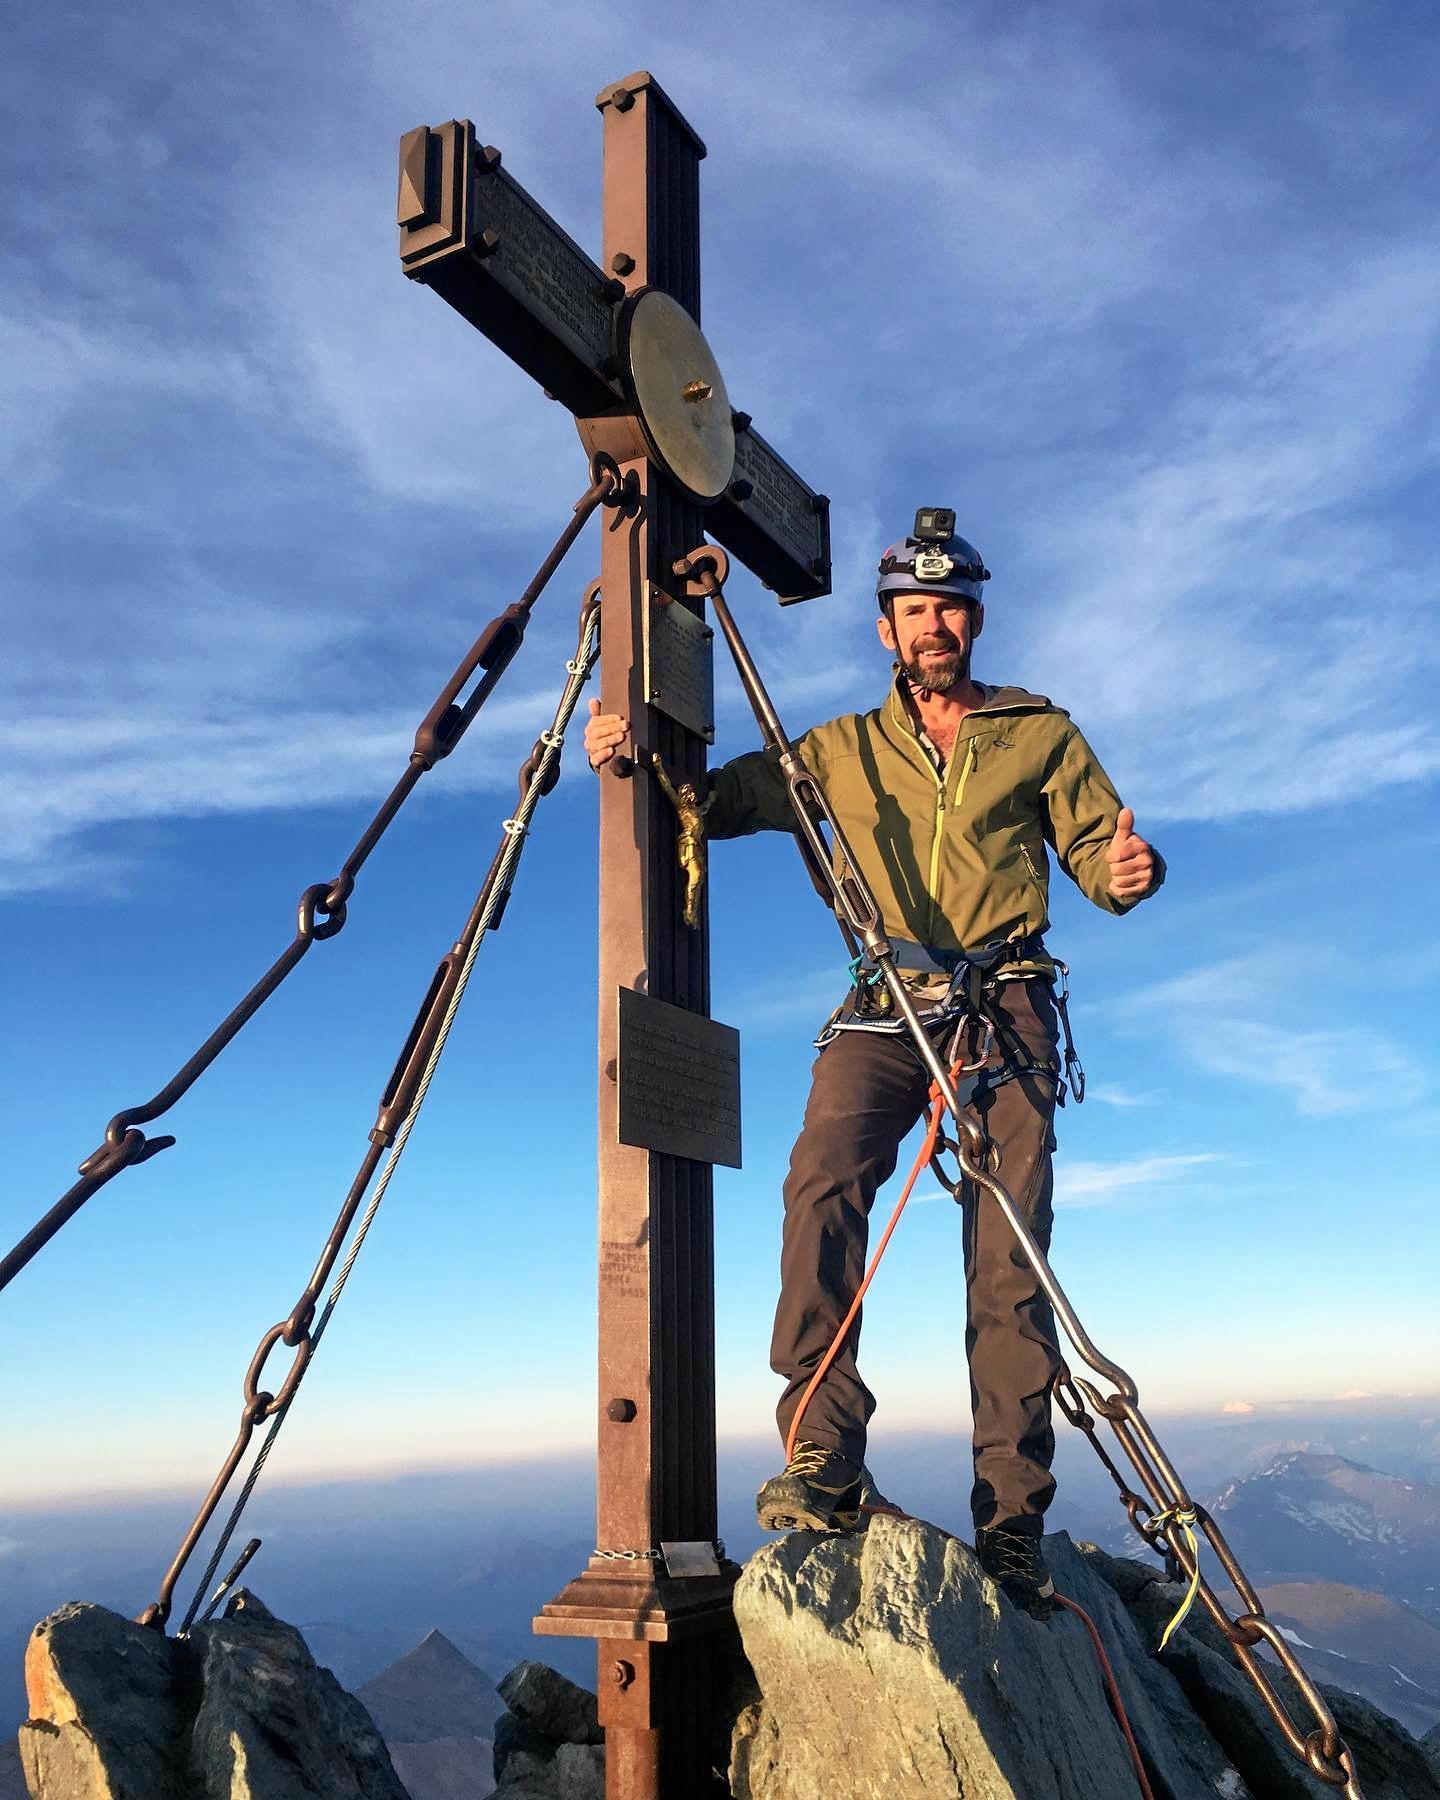 Ipswich climber Ricky Ellis climbed Grossglockner.